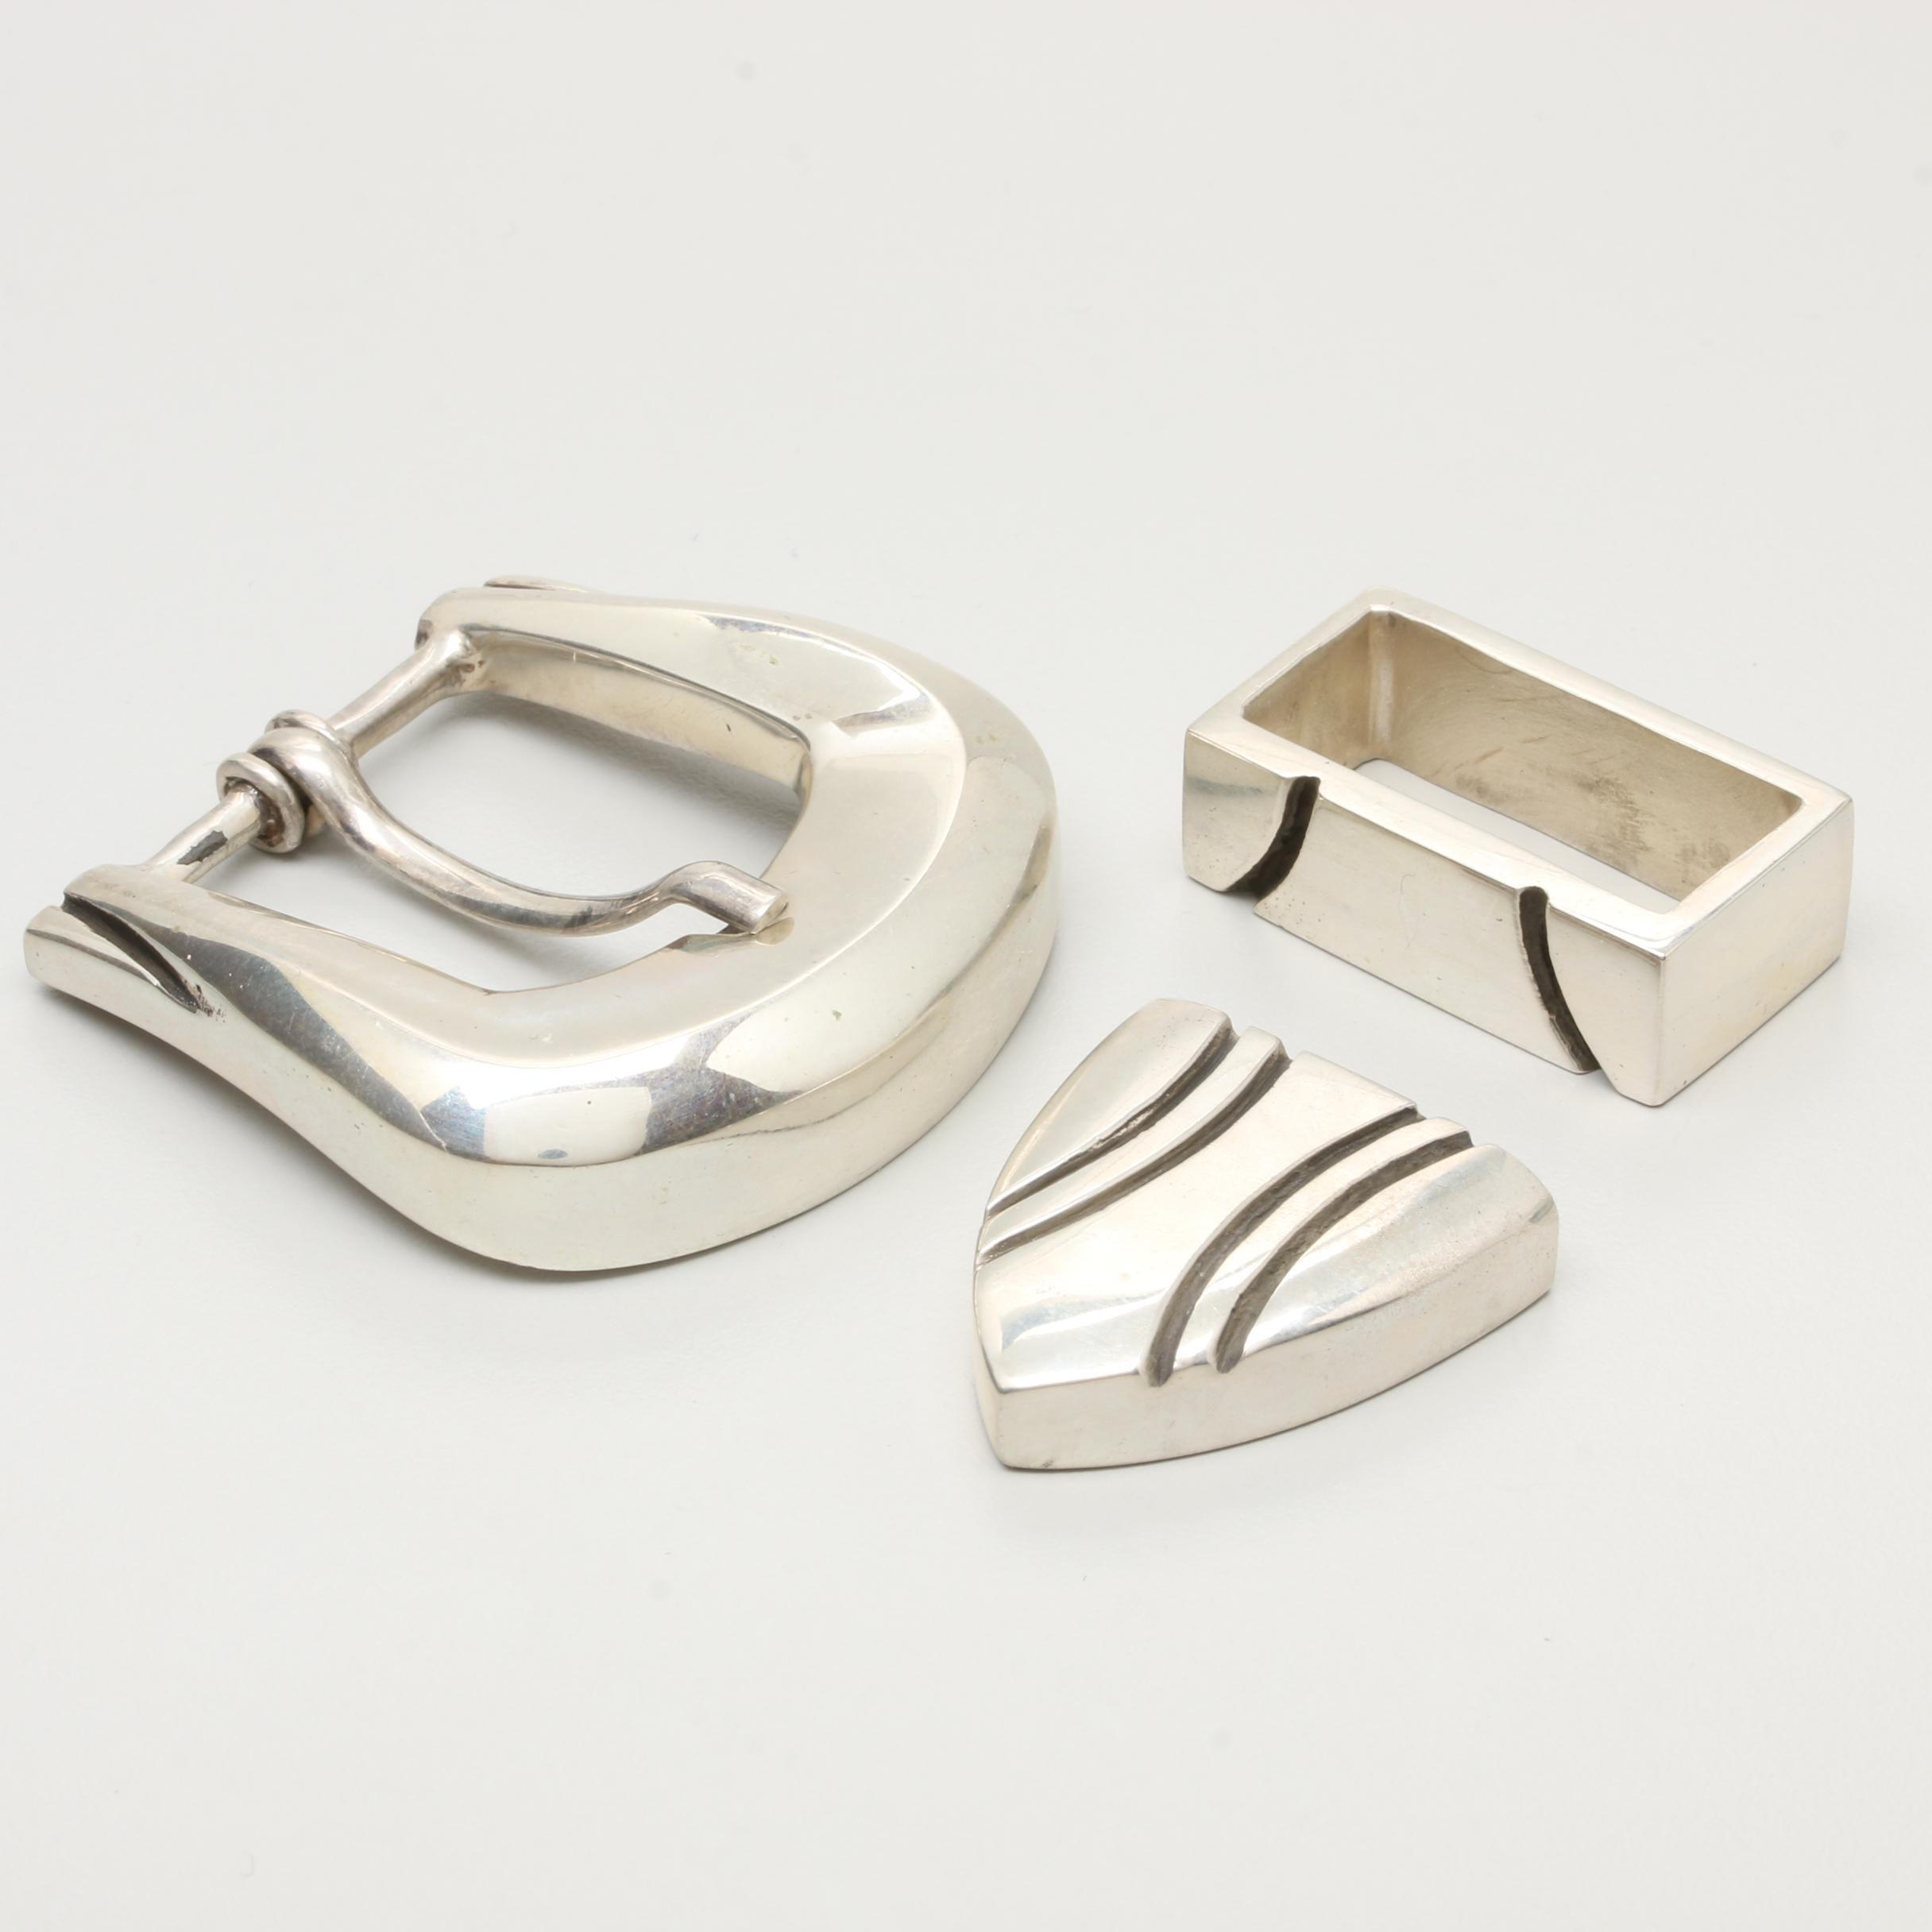 Kokopelli Sterling Silver Belt Buckle Set